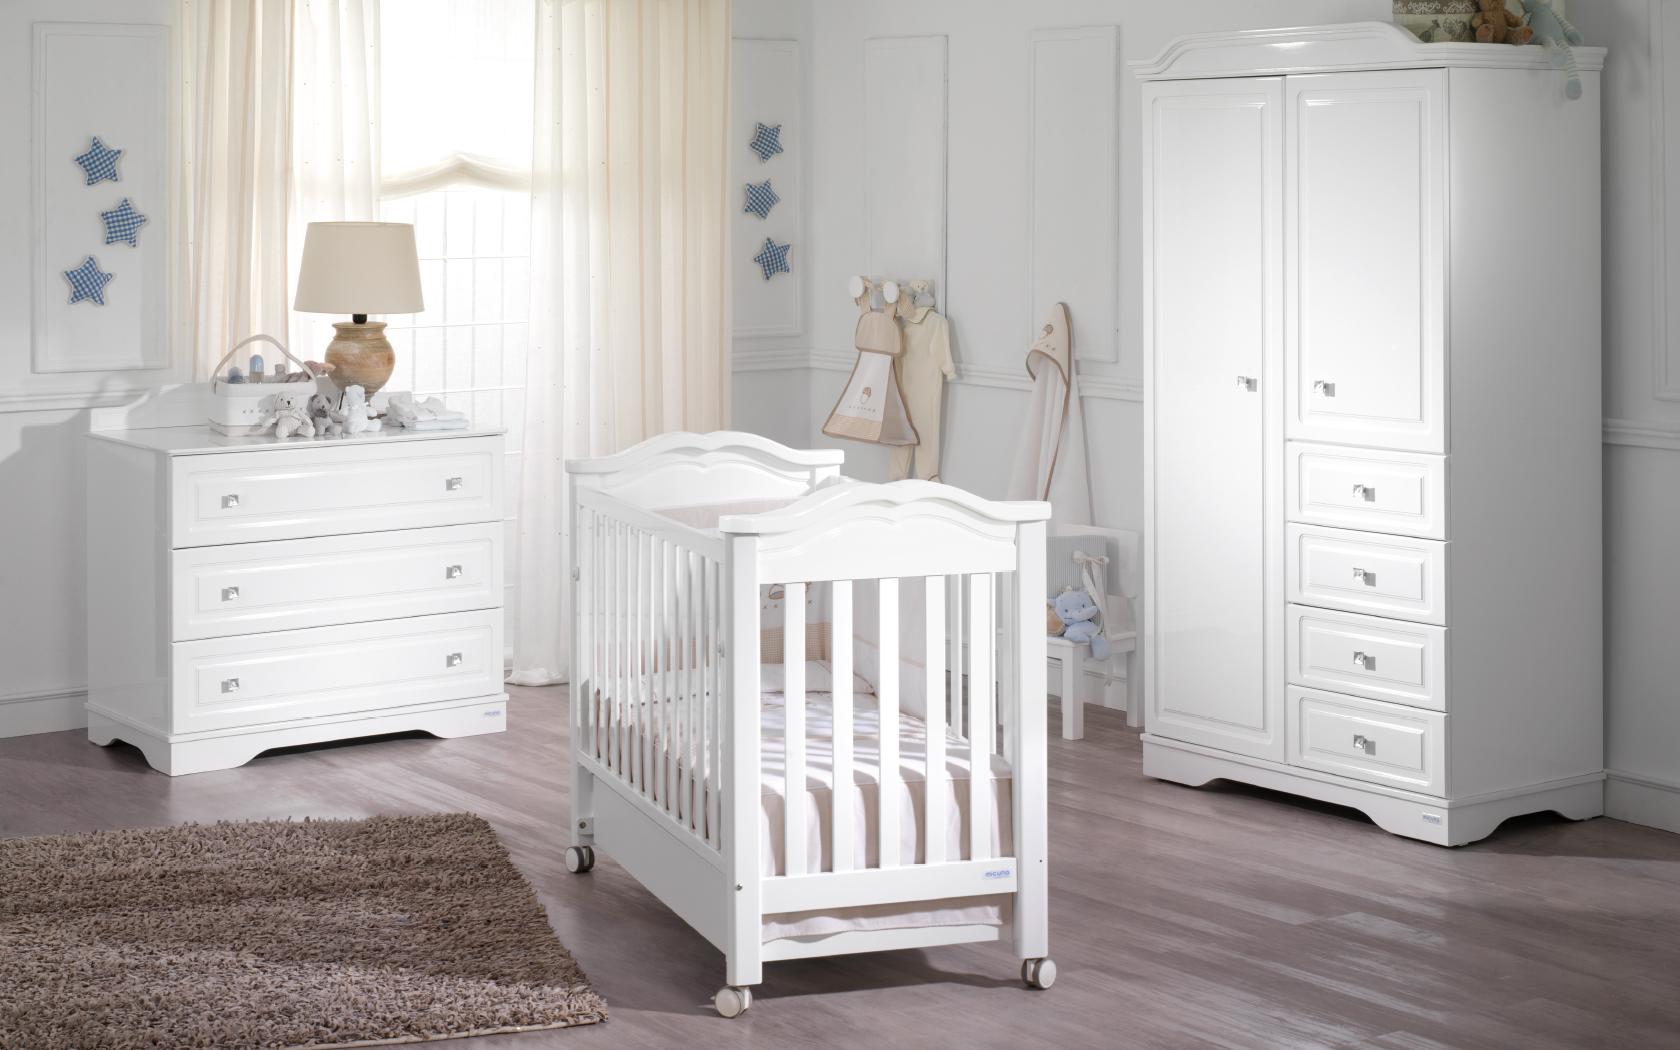 Chambre blanche bebe 9 - Famille et bébé